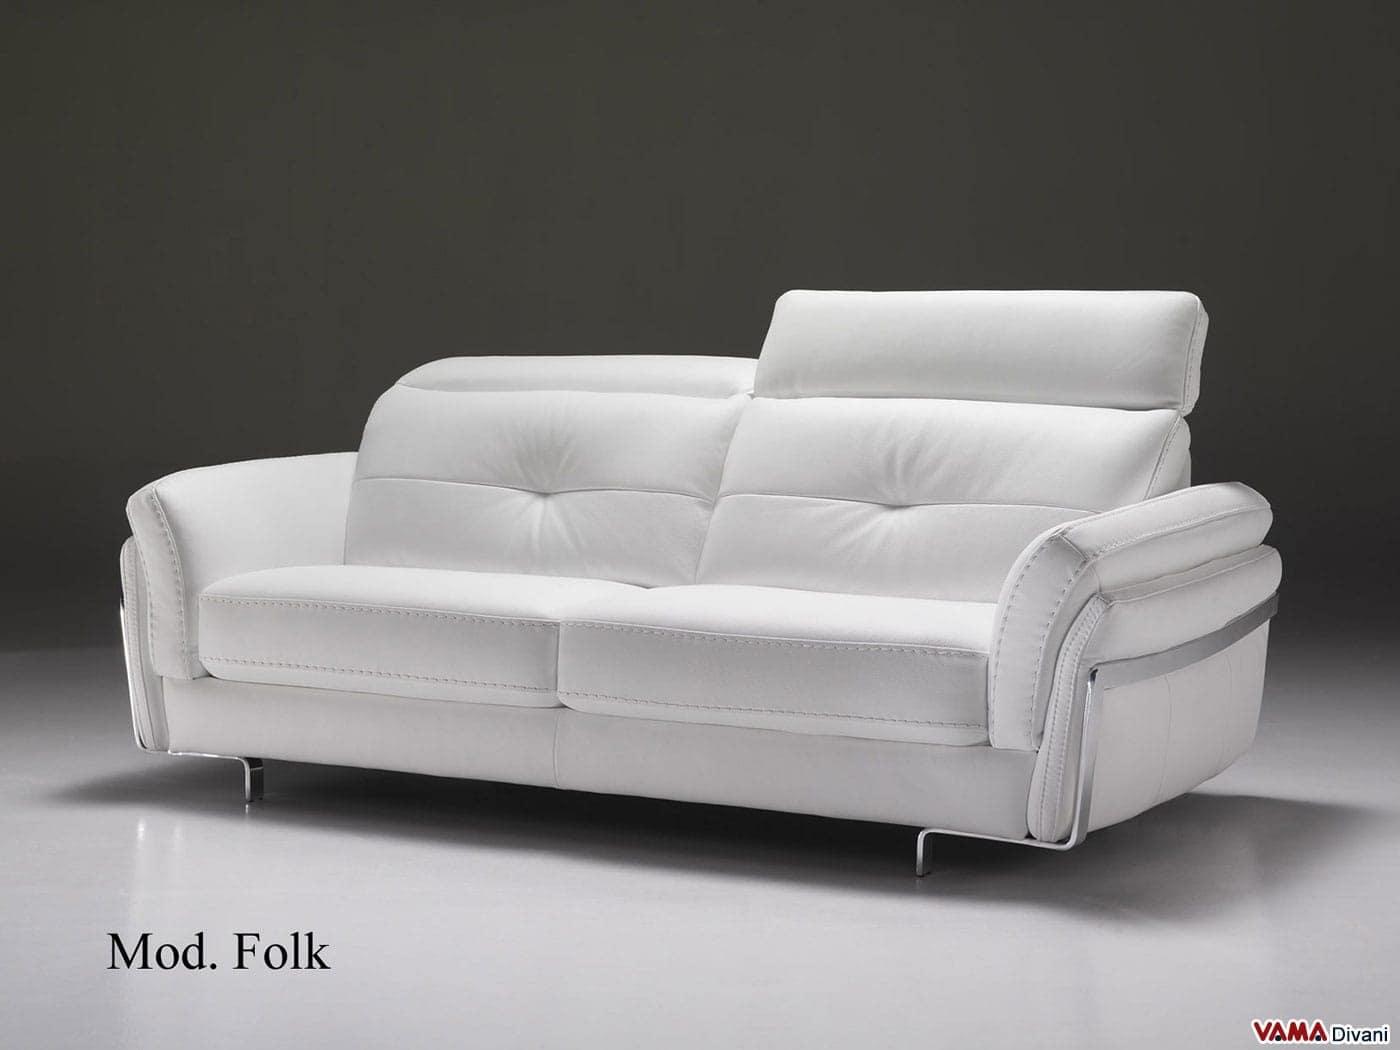 divano in pelle moderno con poggiatesta per maggiore comfort - In Pelle Bianca Con Letti Singoli Divano Letto